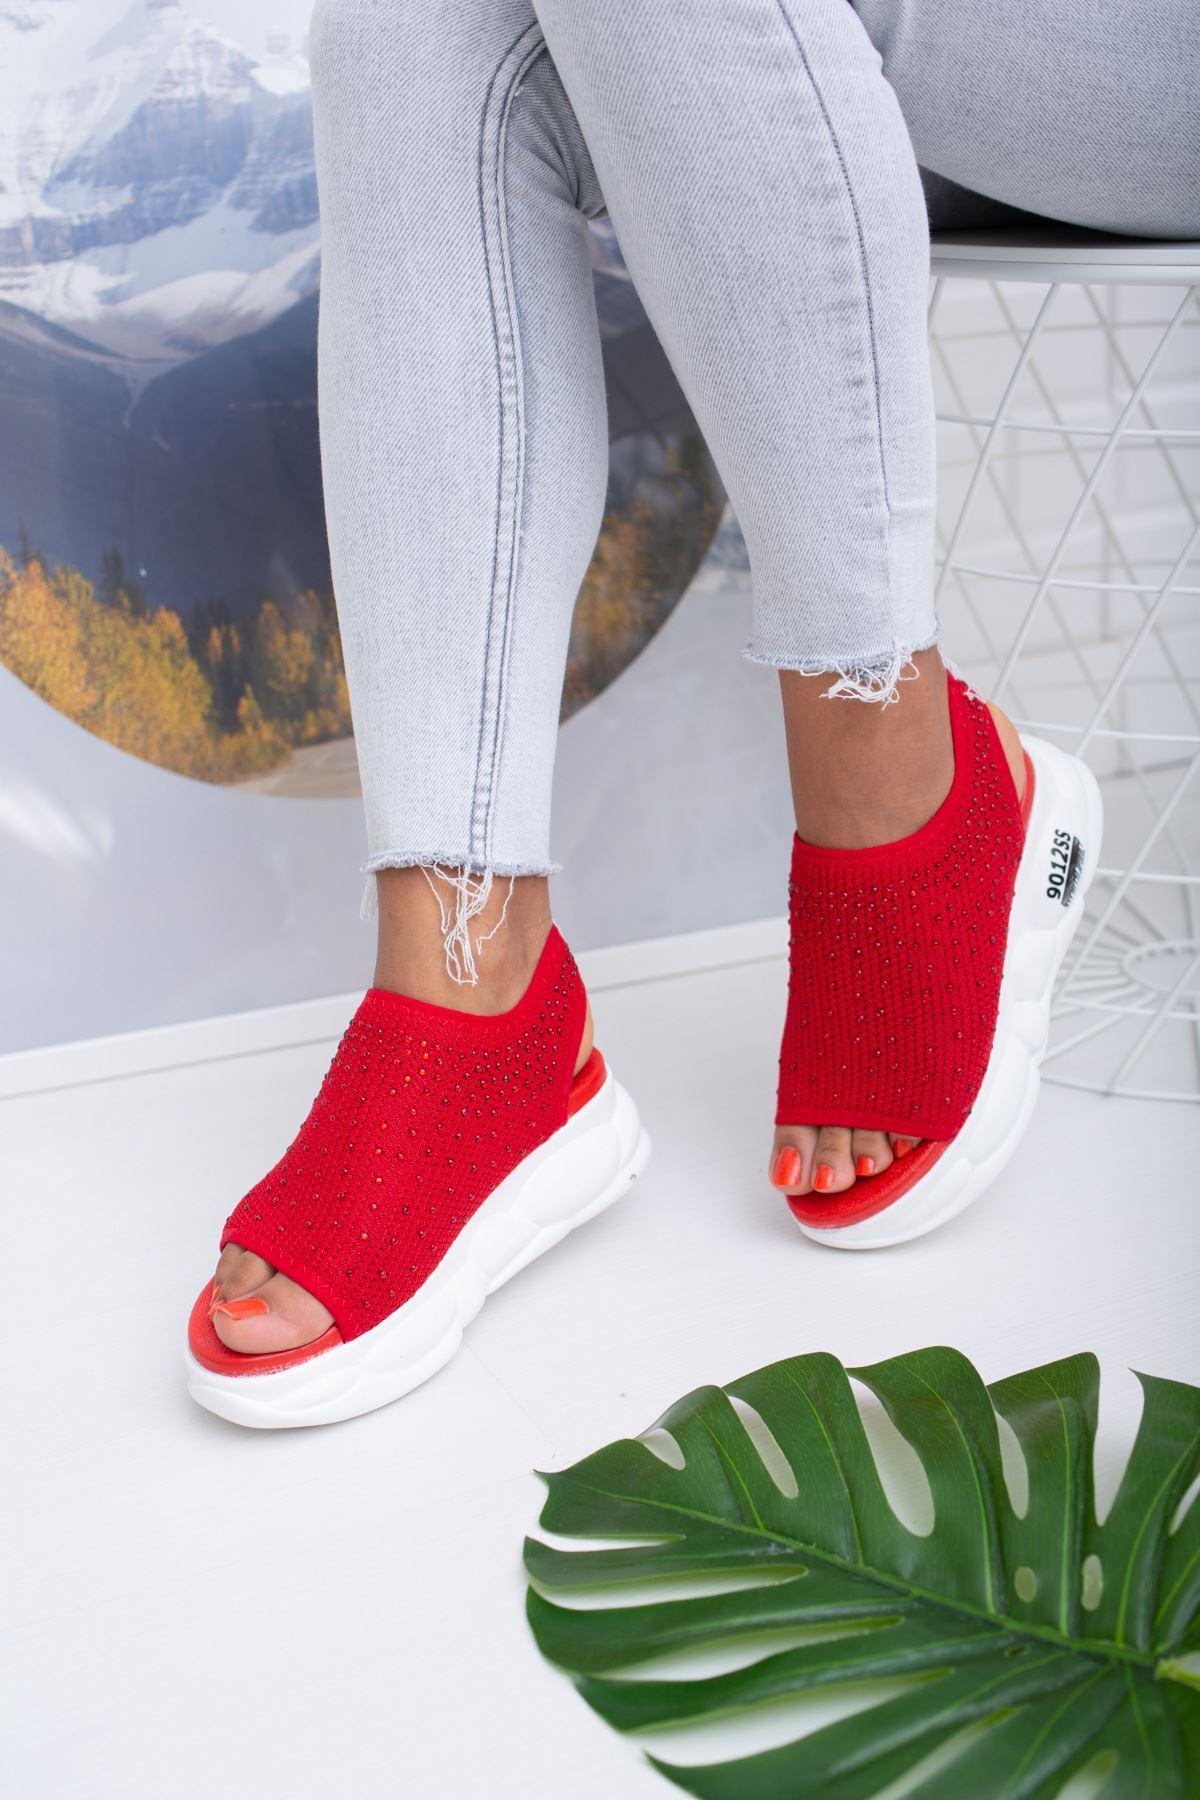 Dido Kırmızı Triko Bayan Spor Ayakkabı